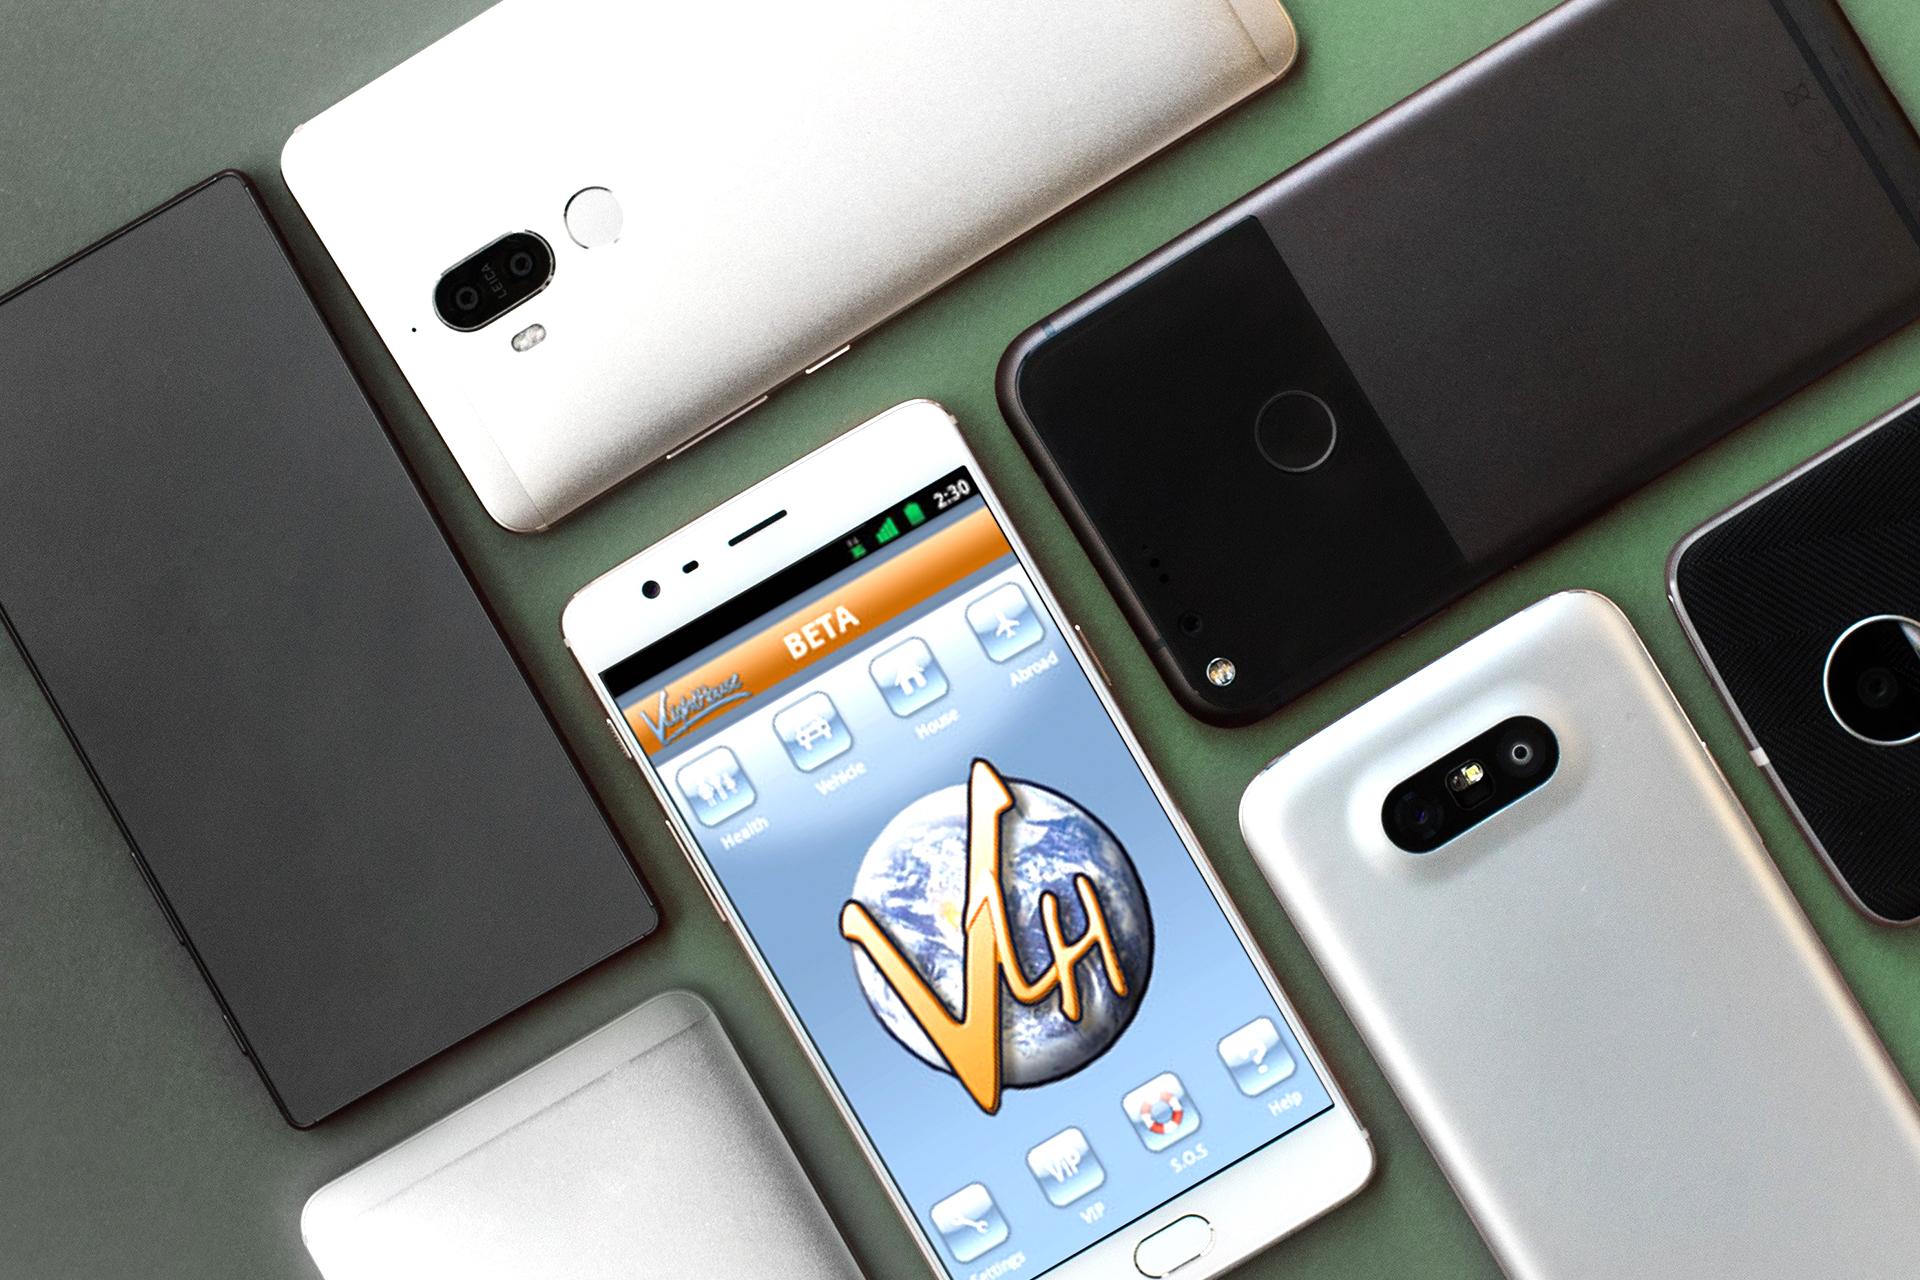 VLH insurance mobile app